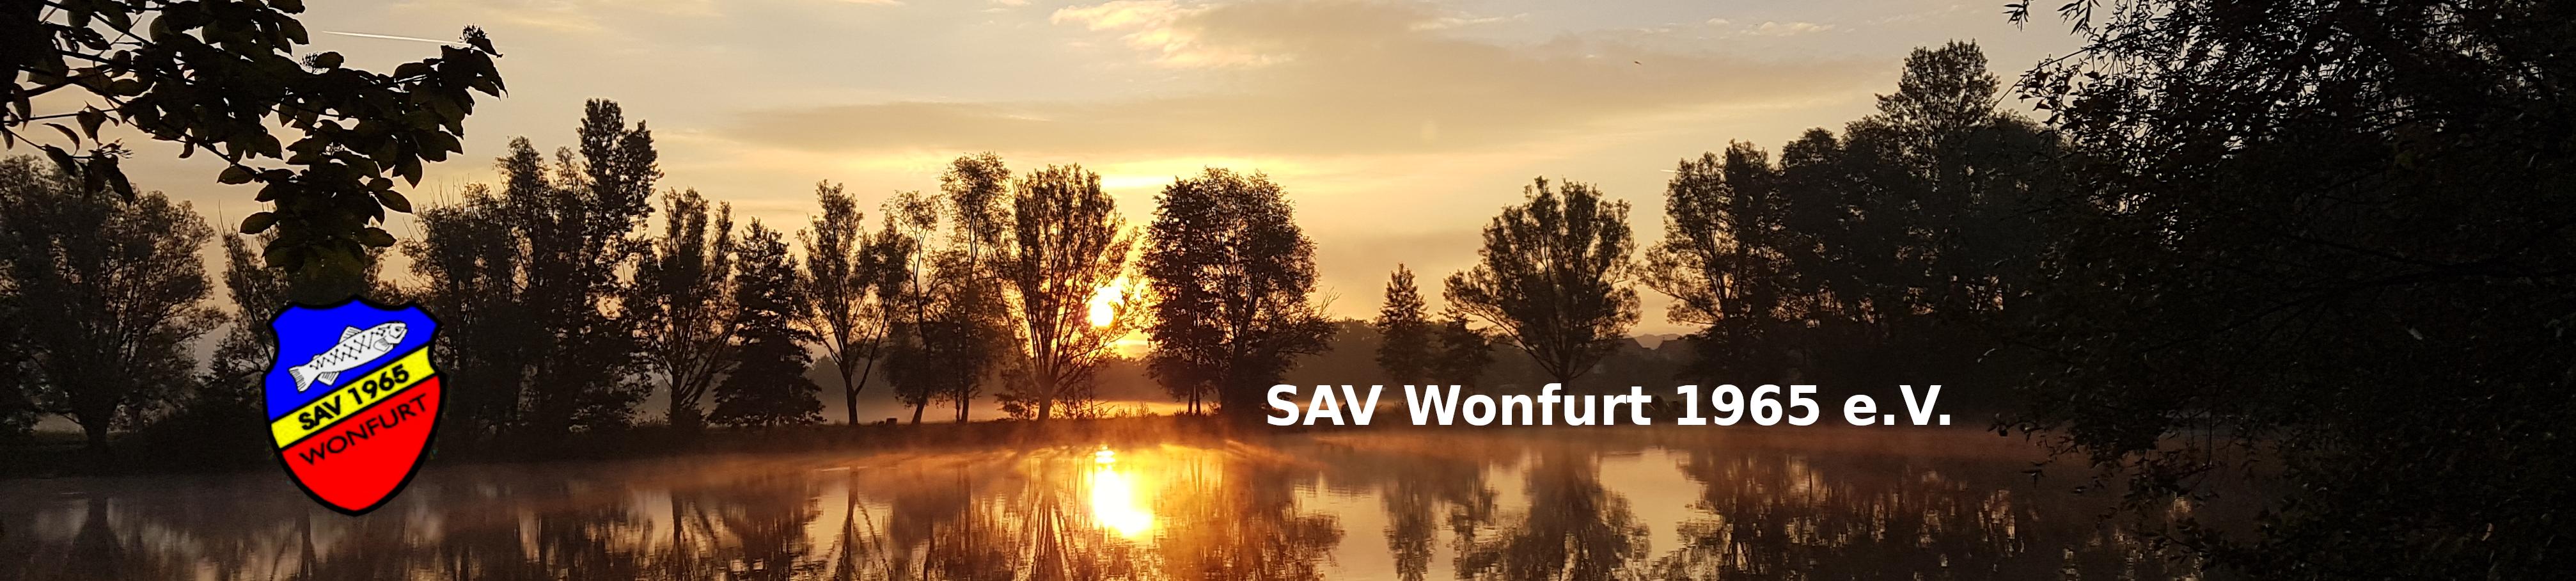 SAV-Wonfurt